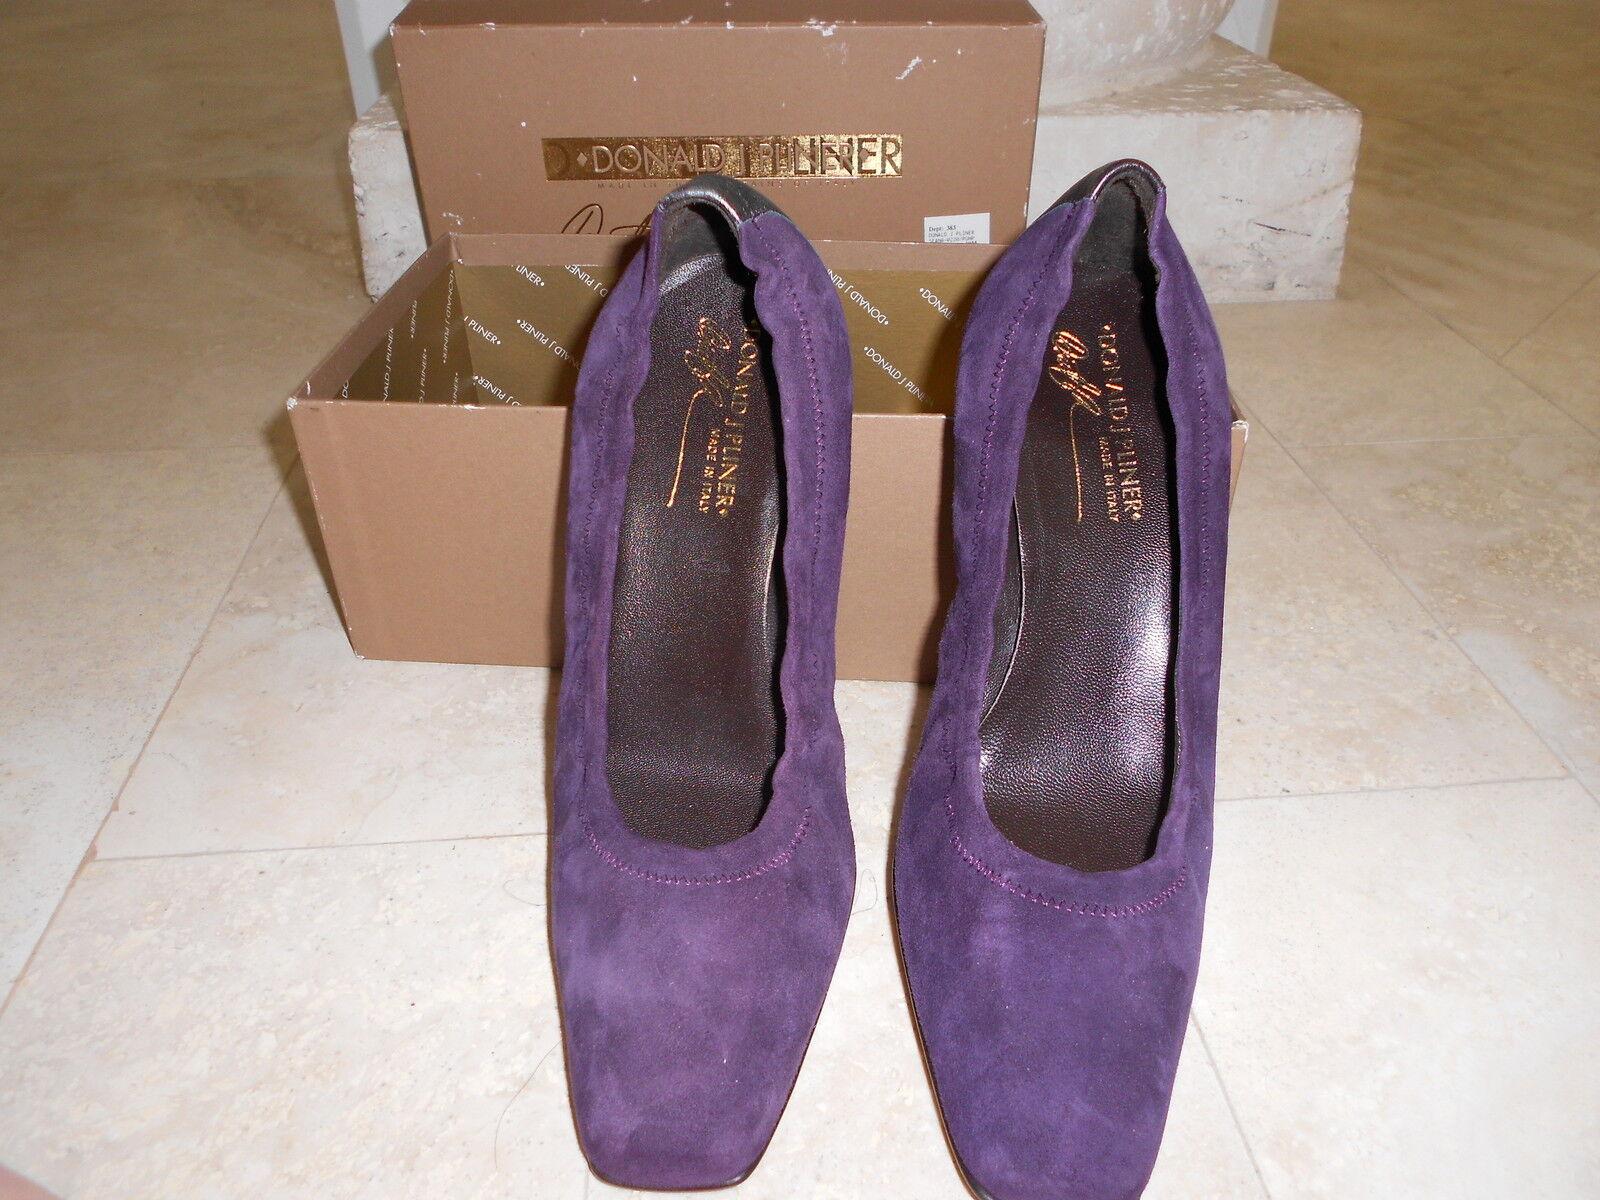 New Gorgeous Suede Sena Donald J. Pliner shoes Purple retail for  285.00